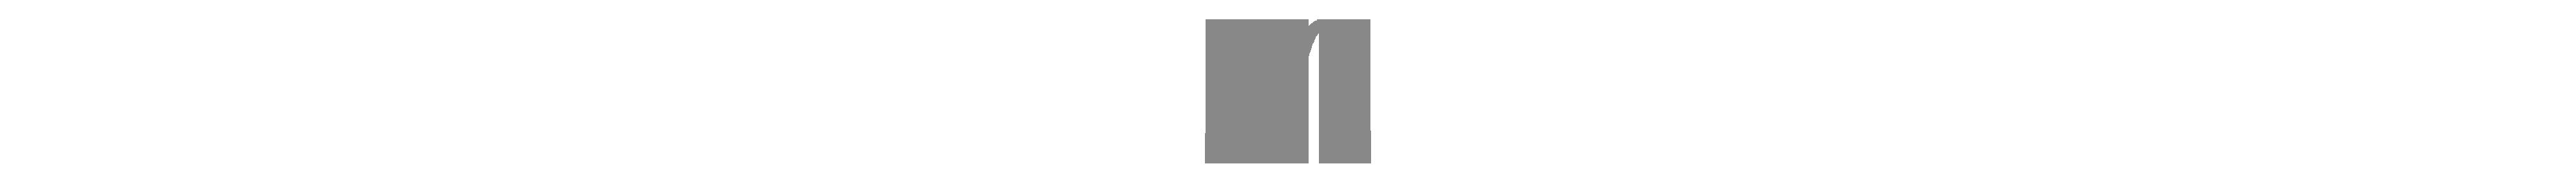 MCD-1